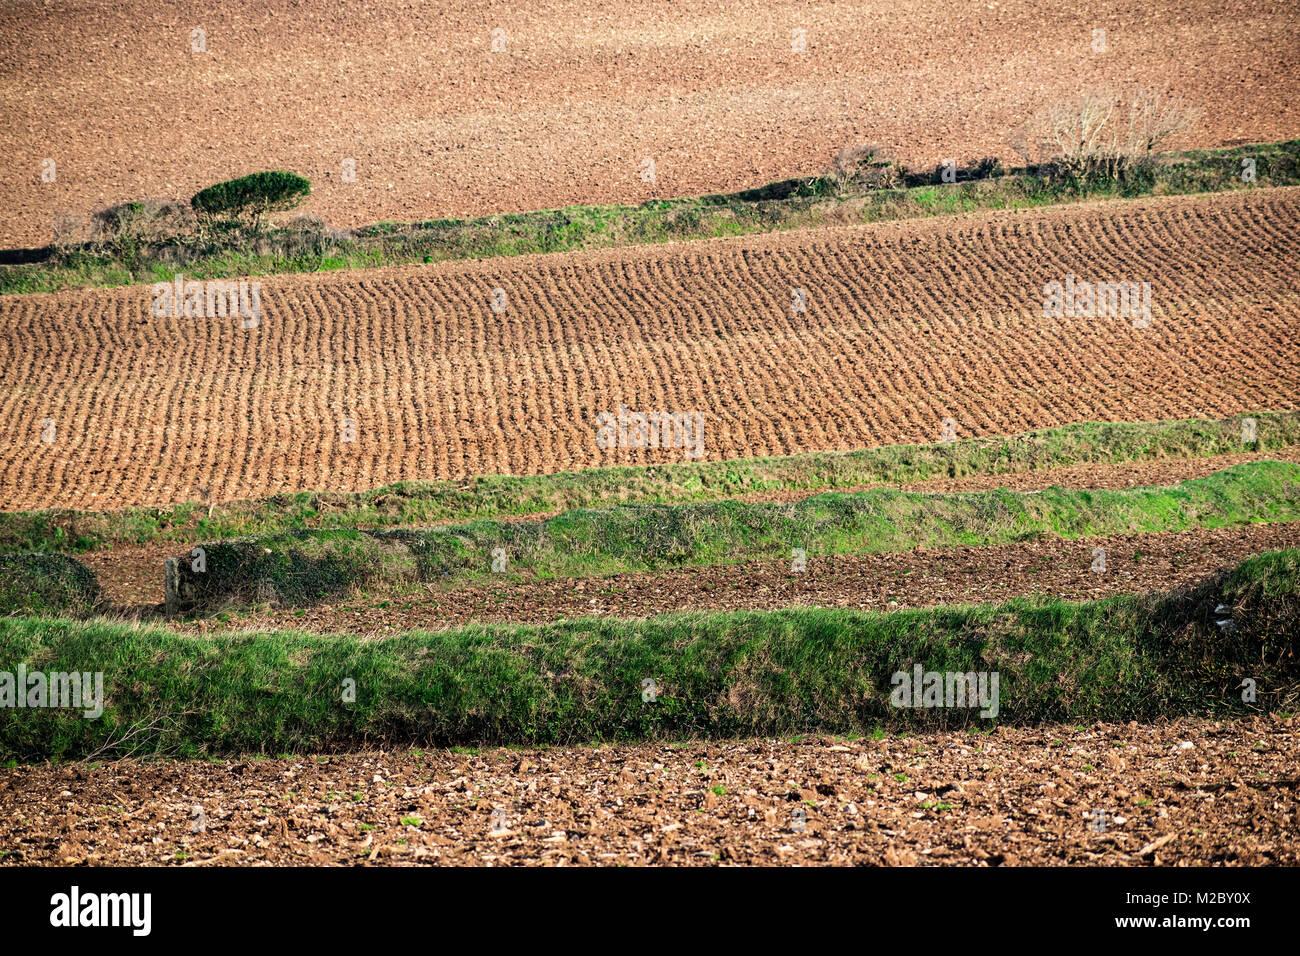 Agricoltura Agricoltura, campi coltivati preparati per la semina delle colture, Cornwall, Regno Unito. Immagini Stock